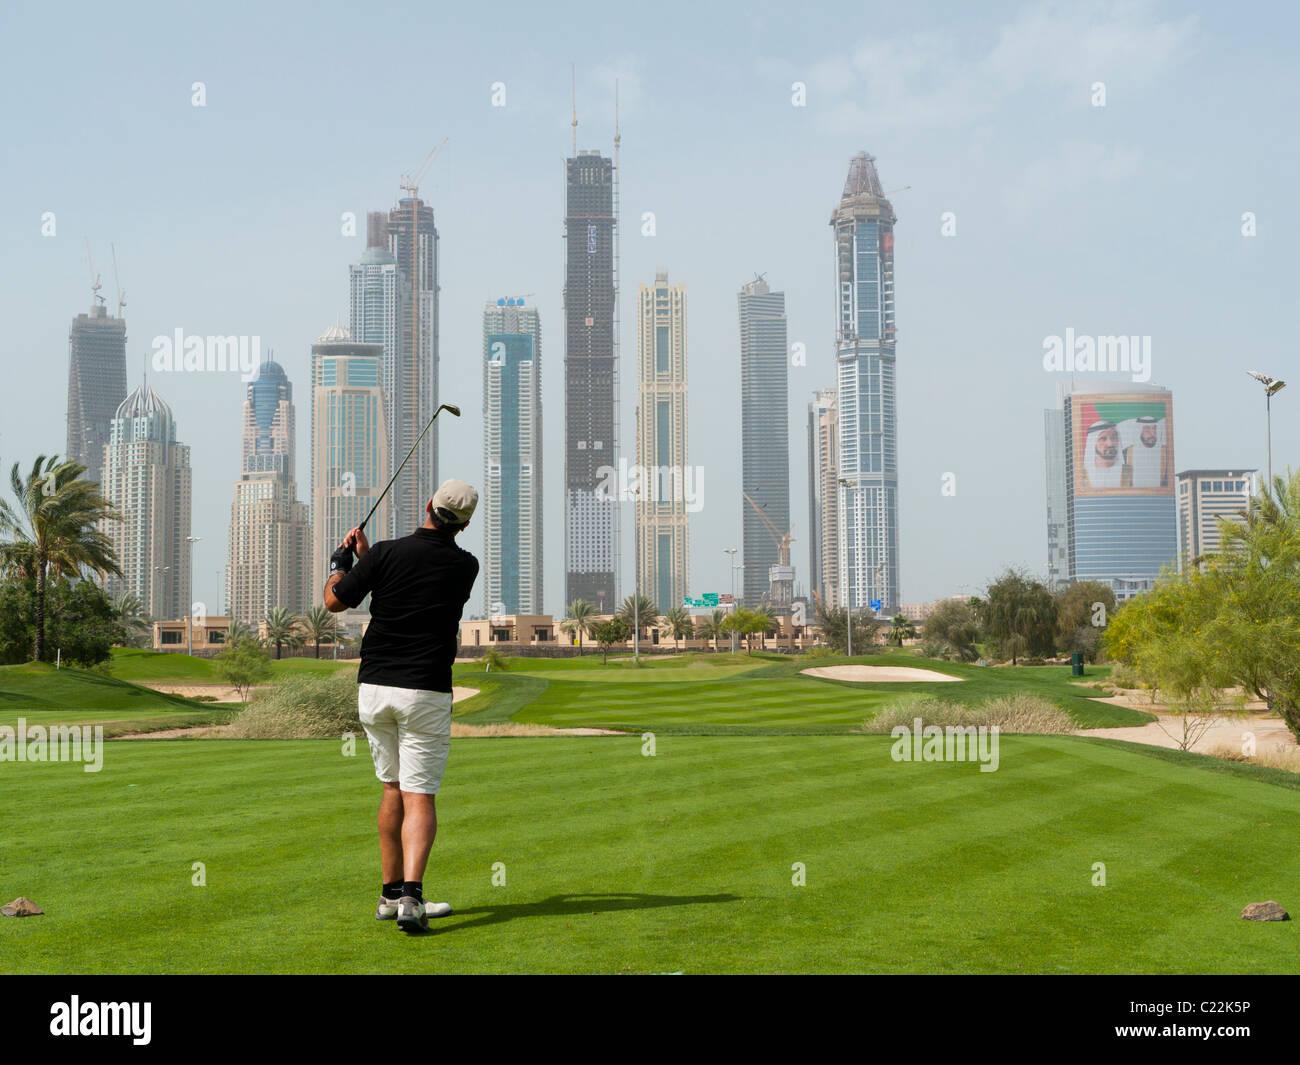 Un homme jouer au golf au club de golf Emirates à Dubaï aux Émirats arabes unis Photo Stock